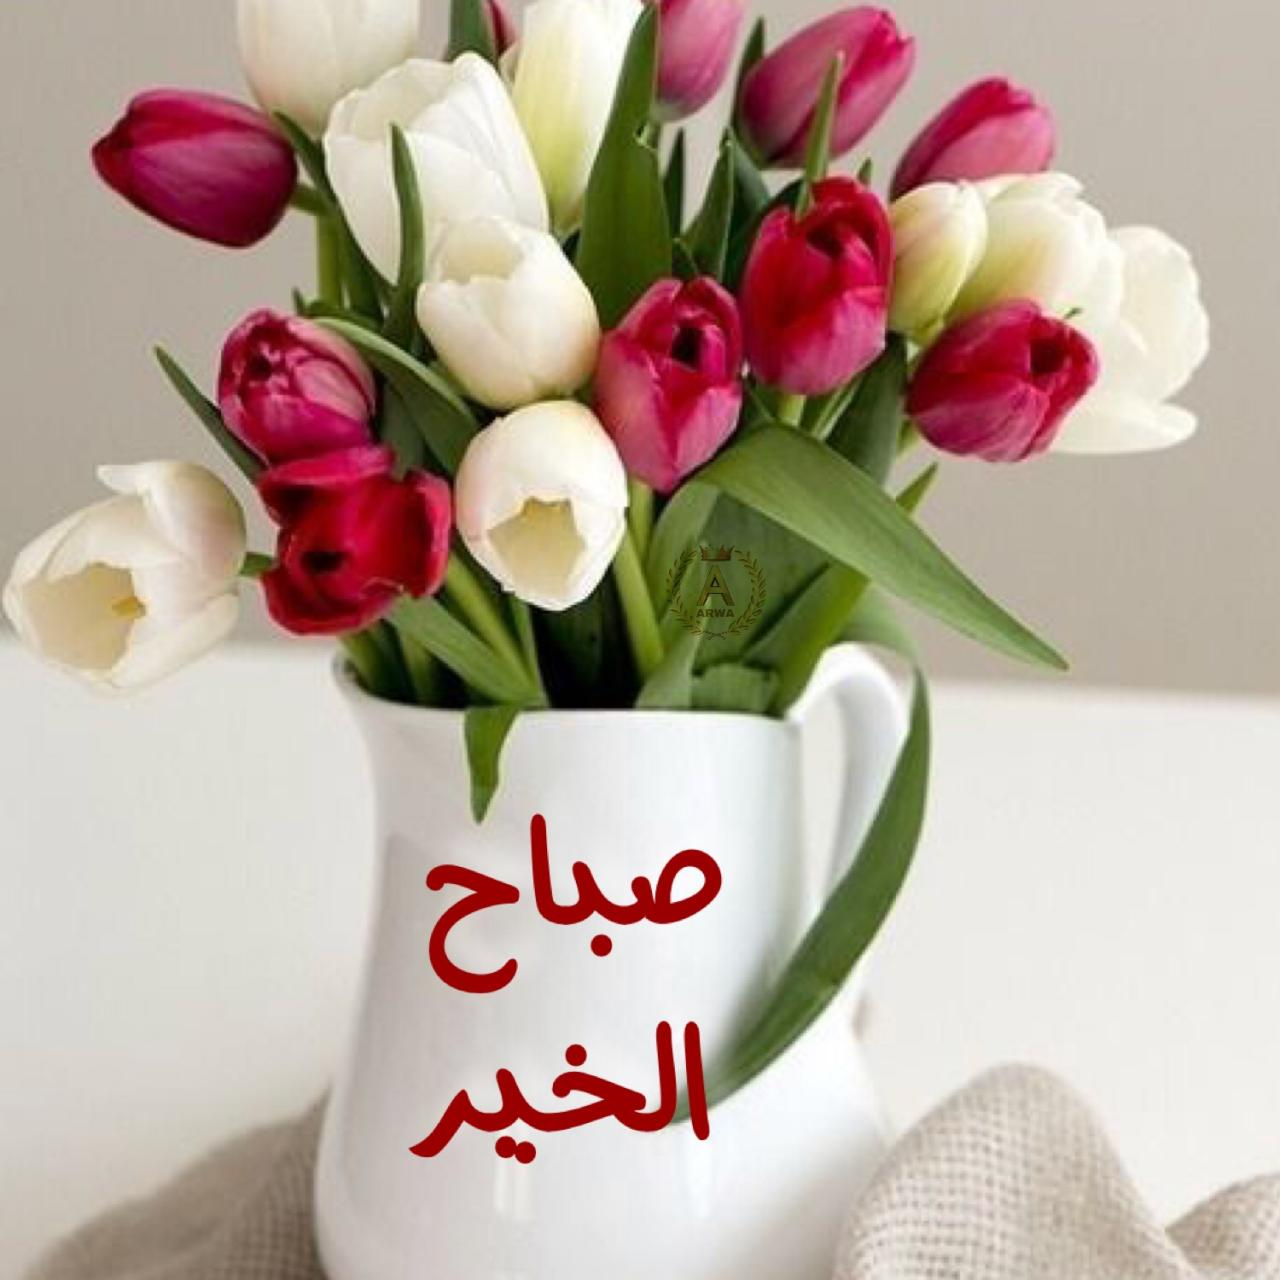 صورة عبارات صباح الخير , صباح مشرق مع كلمة صباح الخير 5387